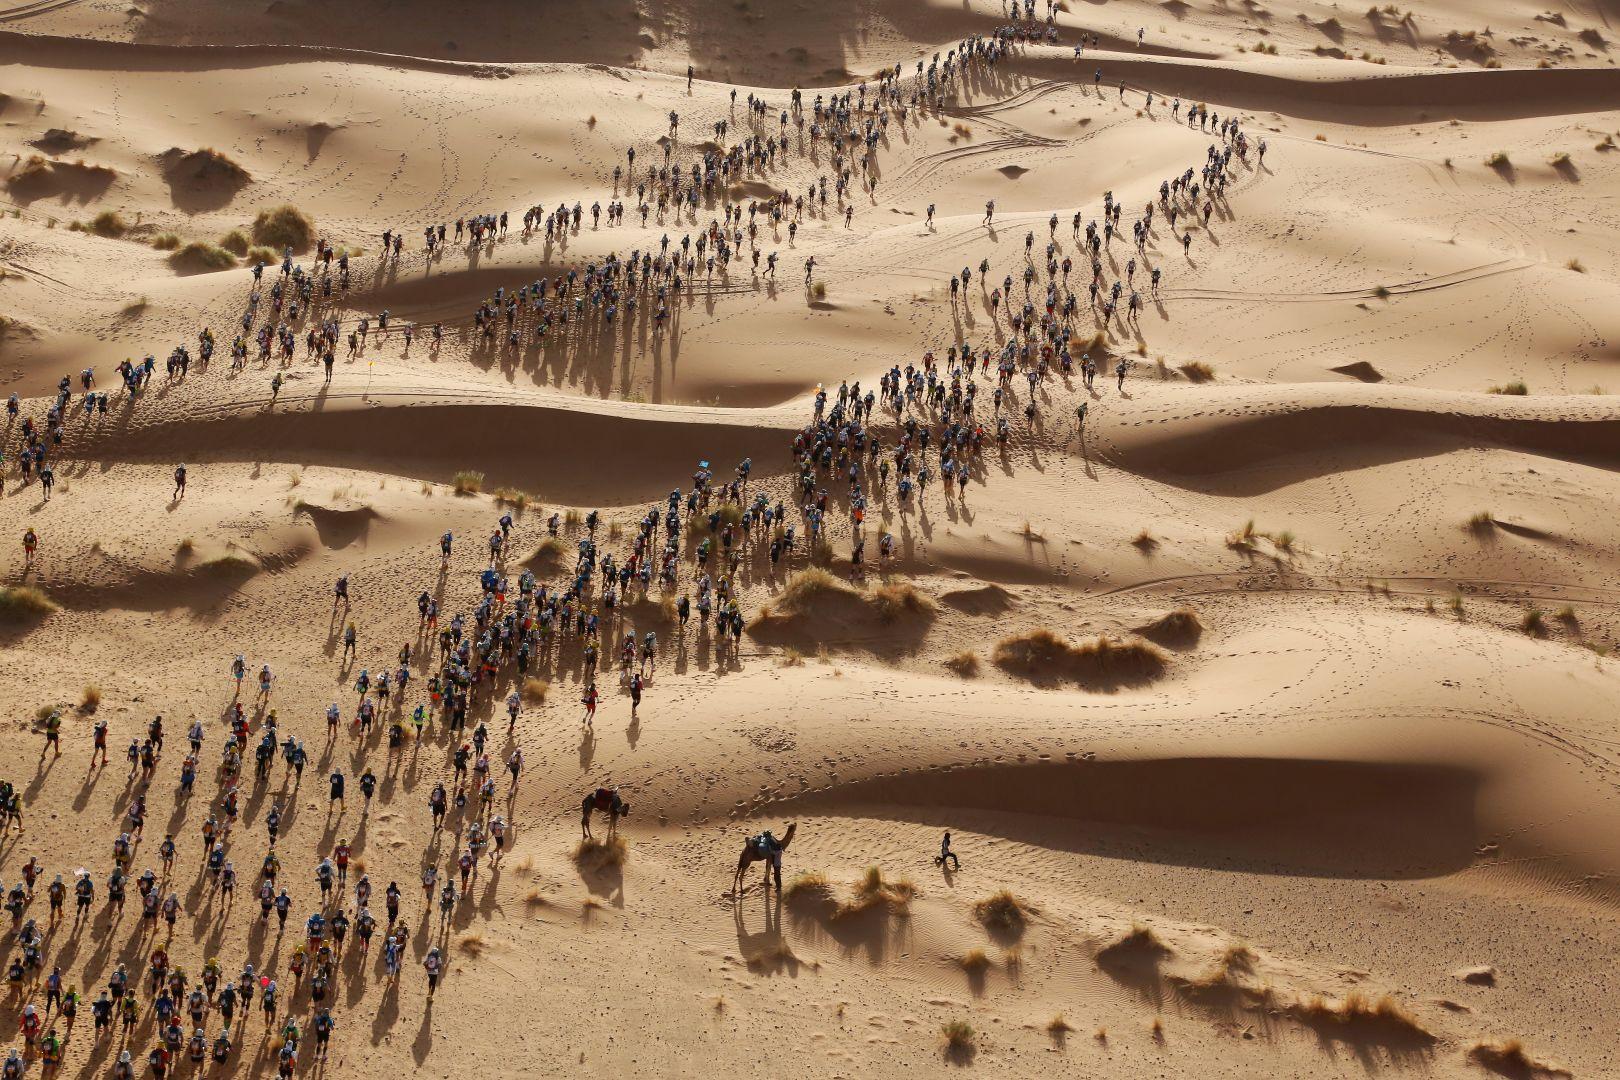 Песчаный марафон, © Эрик Самперс, Франция, 3-й приз : одиночный кадр, Фотоконкурс World Press Photo